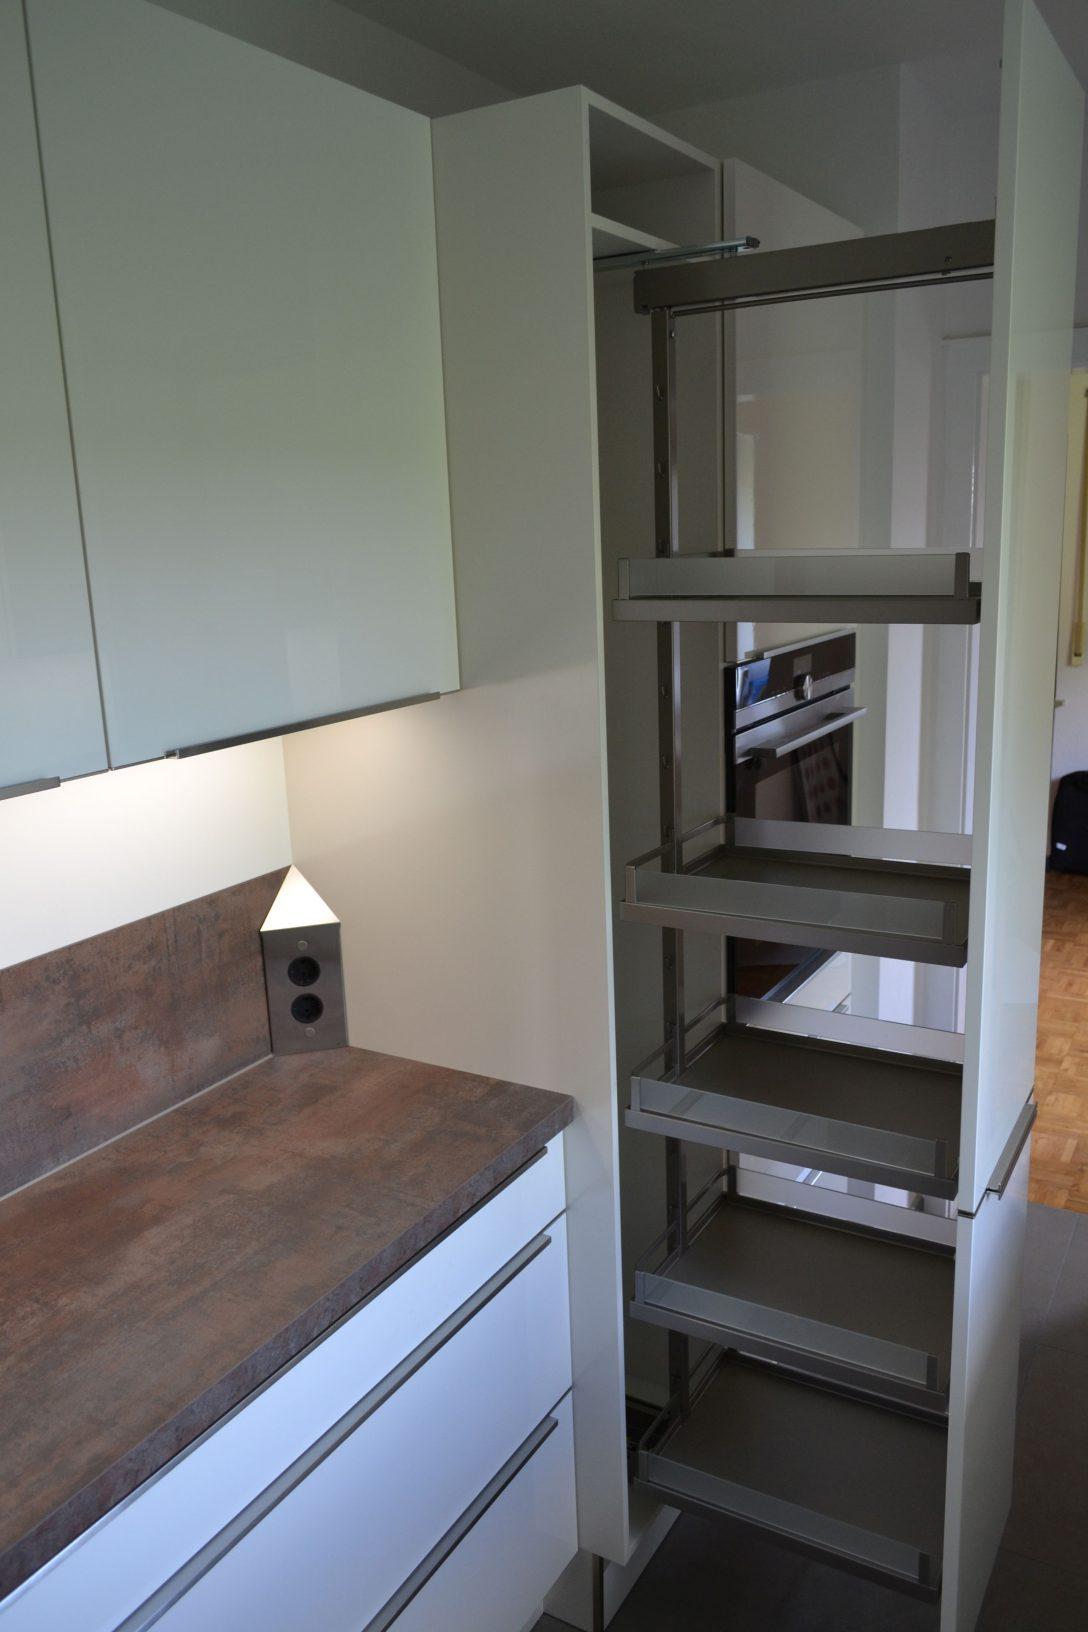 Full Size of Kche Apothekerschrank Einbaukche Kaufen Rustikal Vorratsdosen Ikea Sofa Mit Schlaffunktion Küche Betten 160x200 Kosten Bei Modulküche Miniküche Wohnzimmer Apothekerschrank Ikea